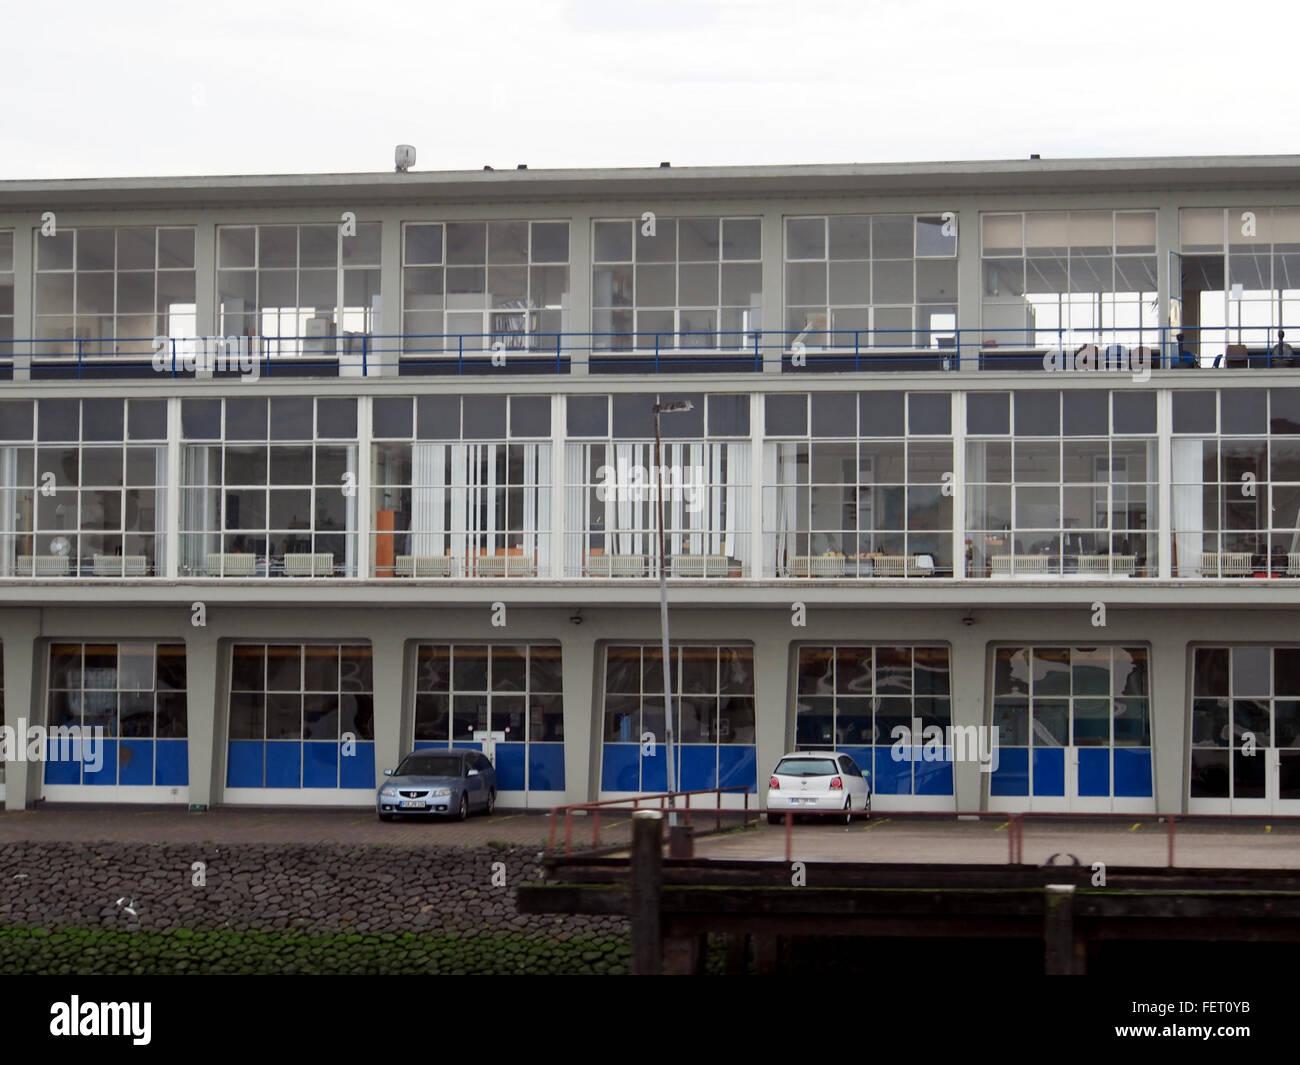 Clondalkin 50er Jahre Gebouw Aan de Maas pic2 Stockbild